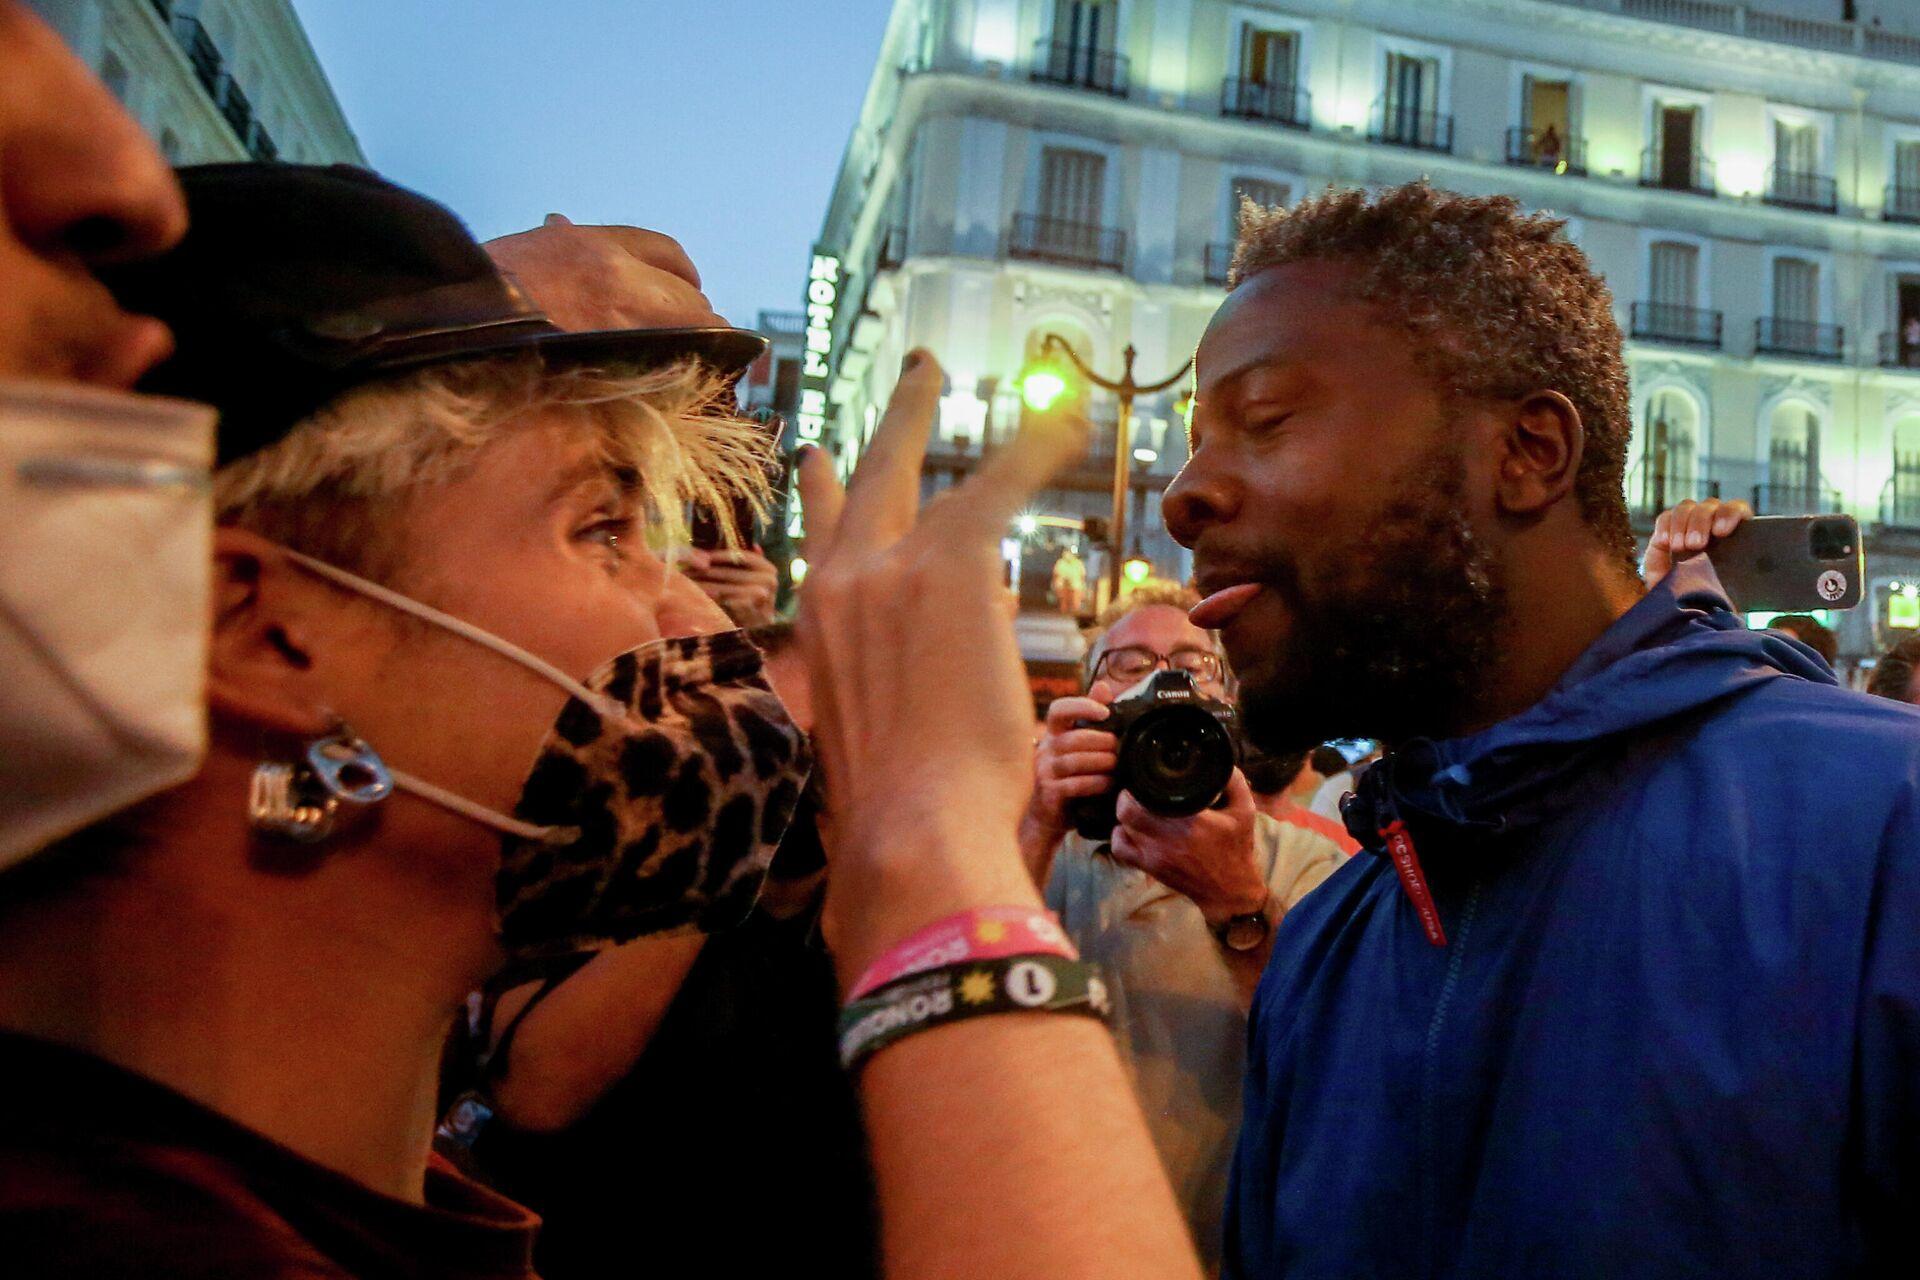 Enfrentamiento entre los manifestantes y el militante de Vox Bertrand Ndongo (Madrid) - Sputnik Mundo, 1920, 09.09.2021